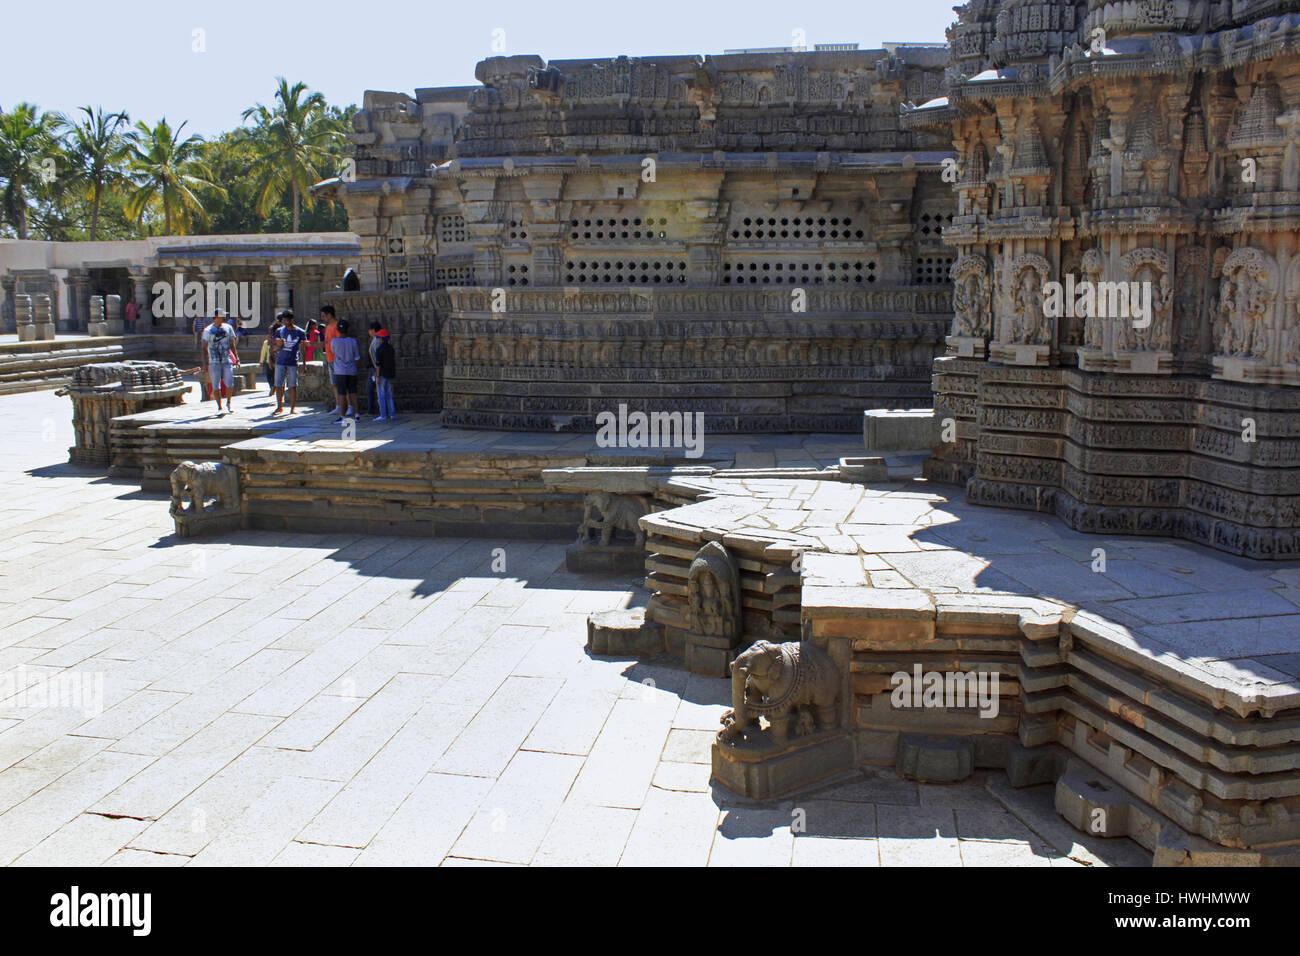 Décharge de mur, percé et moulage windows frieze, culte mur suit le plan stellaire et chemina-pradakshina est également élevé sur un socle moulé en forme d'étoiles Banque D'Images